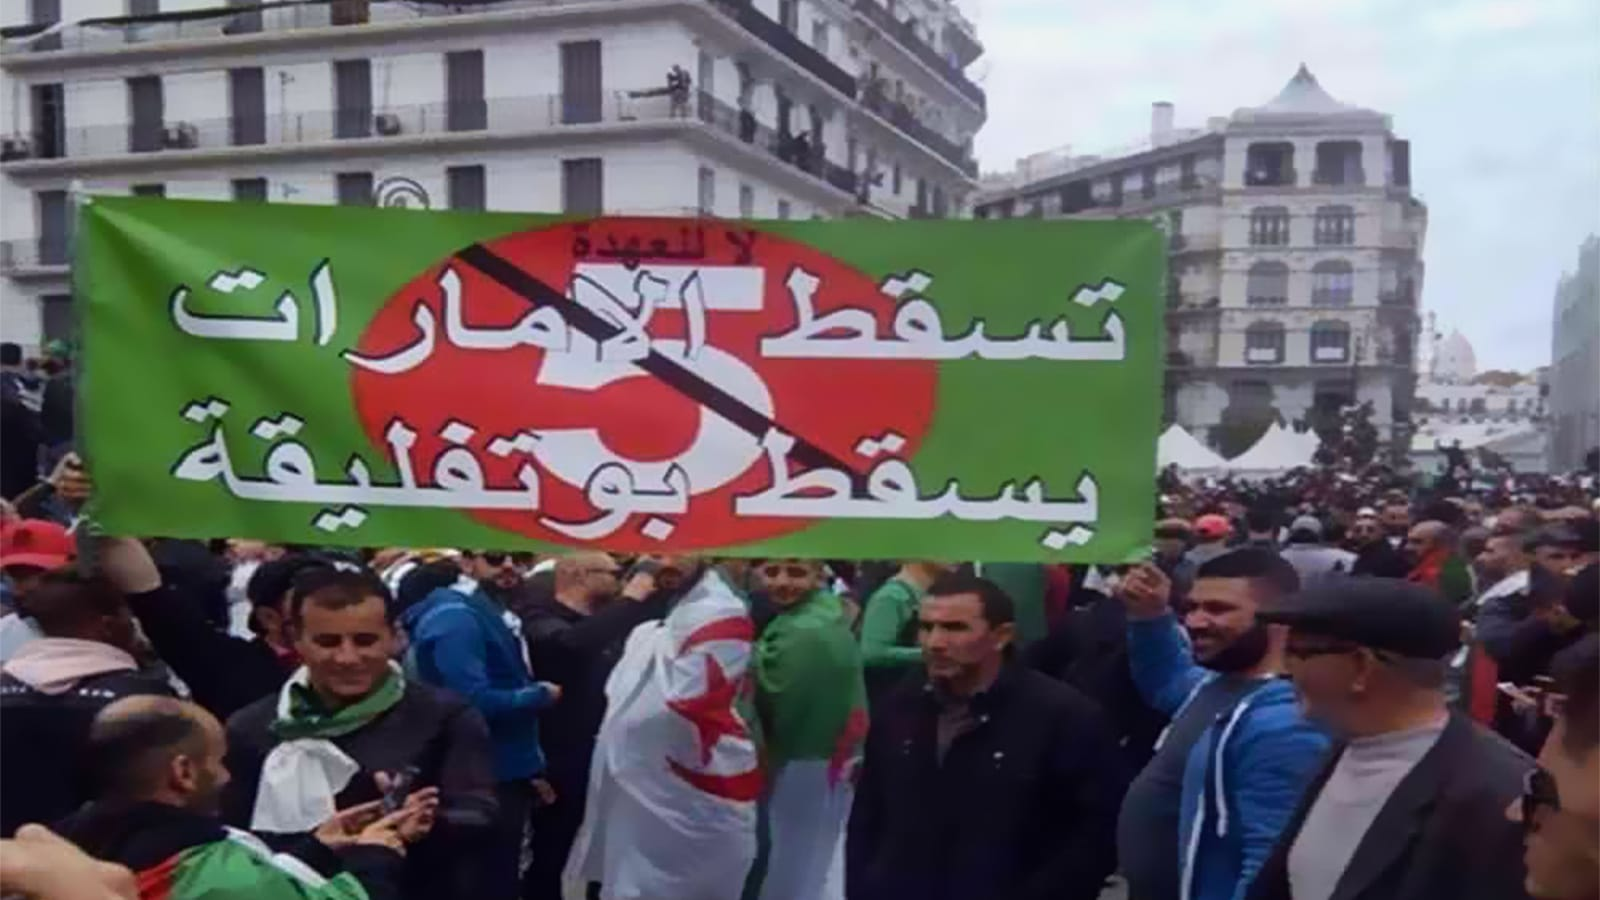 المتظاهرون الجزائريون ضد ابناء زايد